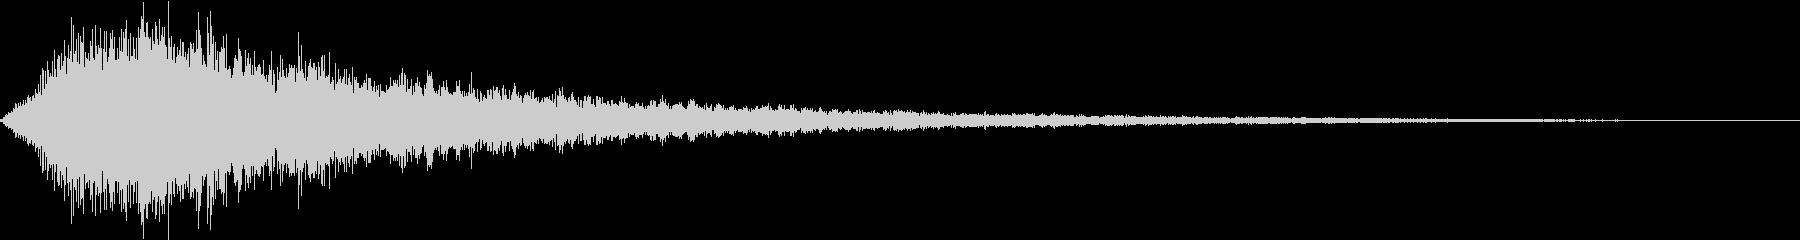 VOX ダーティーなコーラスPAD 1の未再生の波形